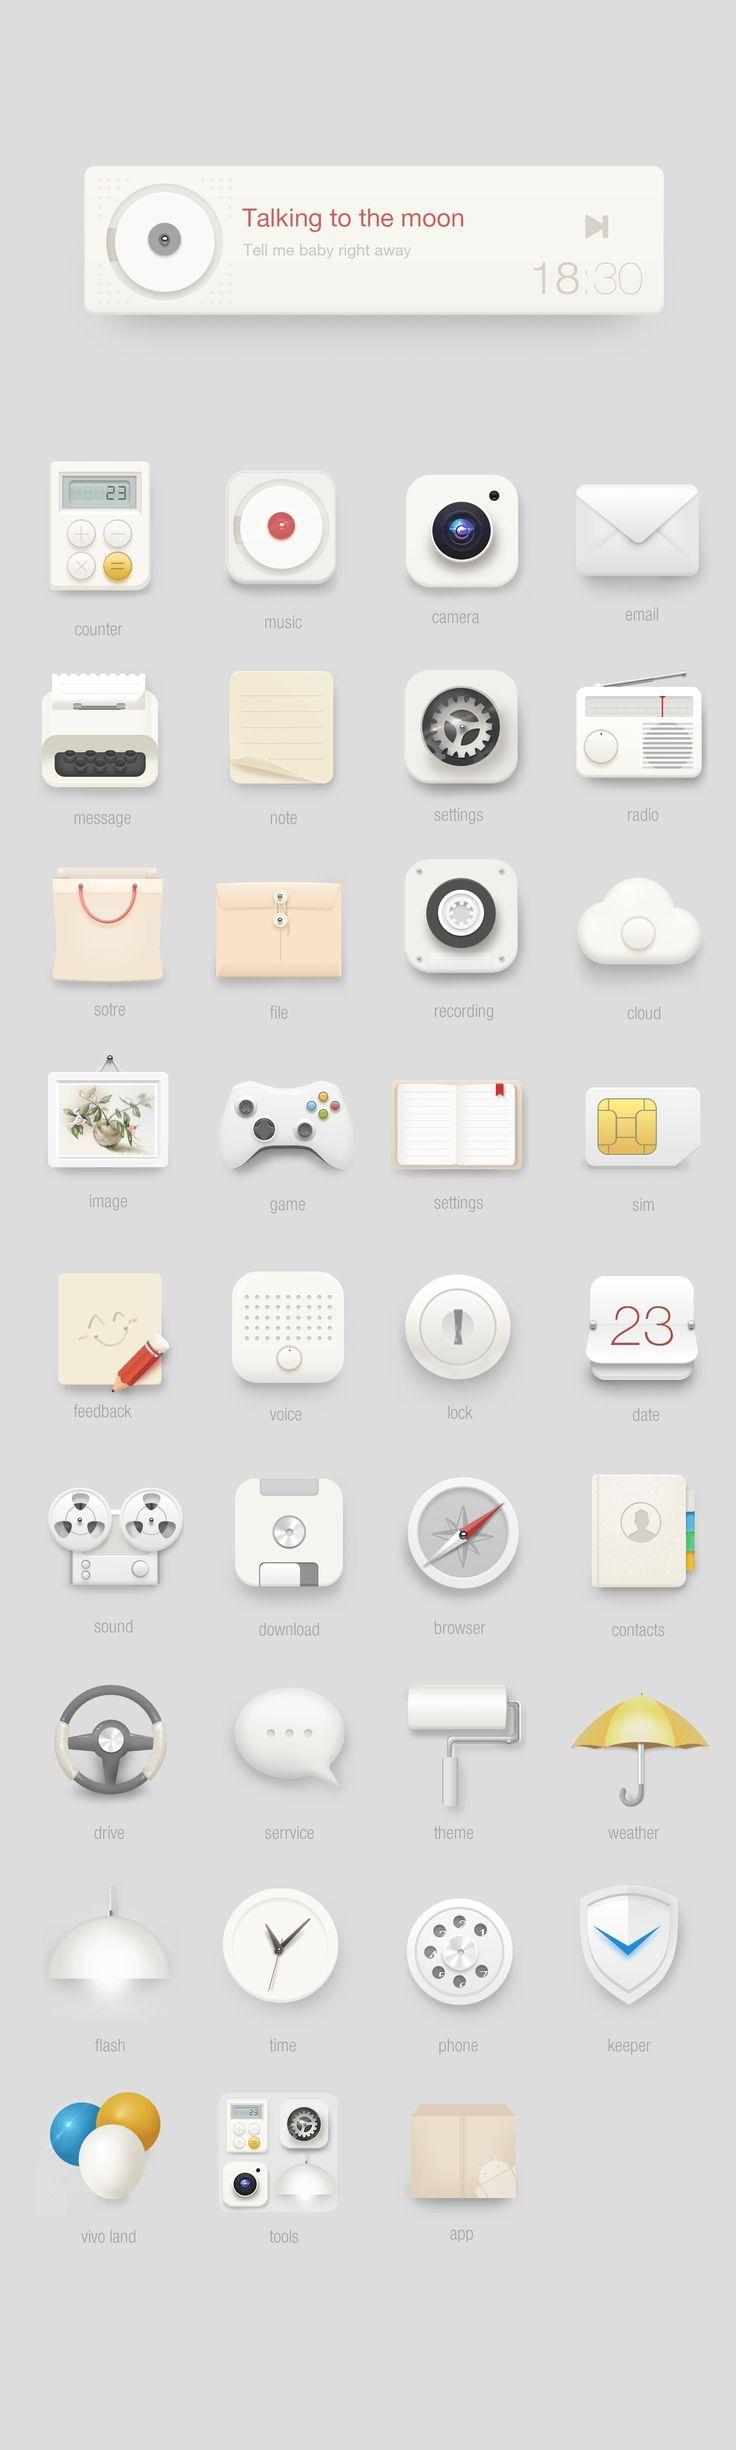 Icons: